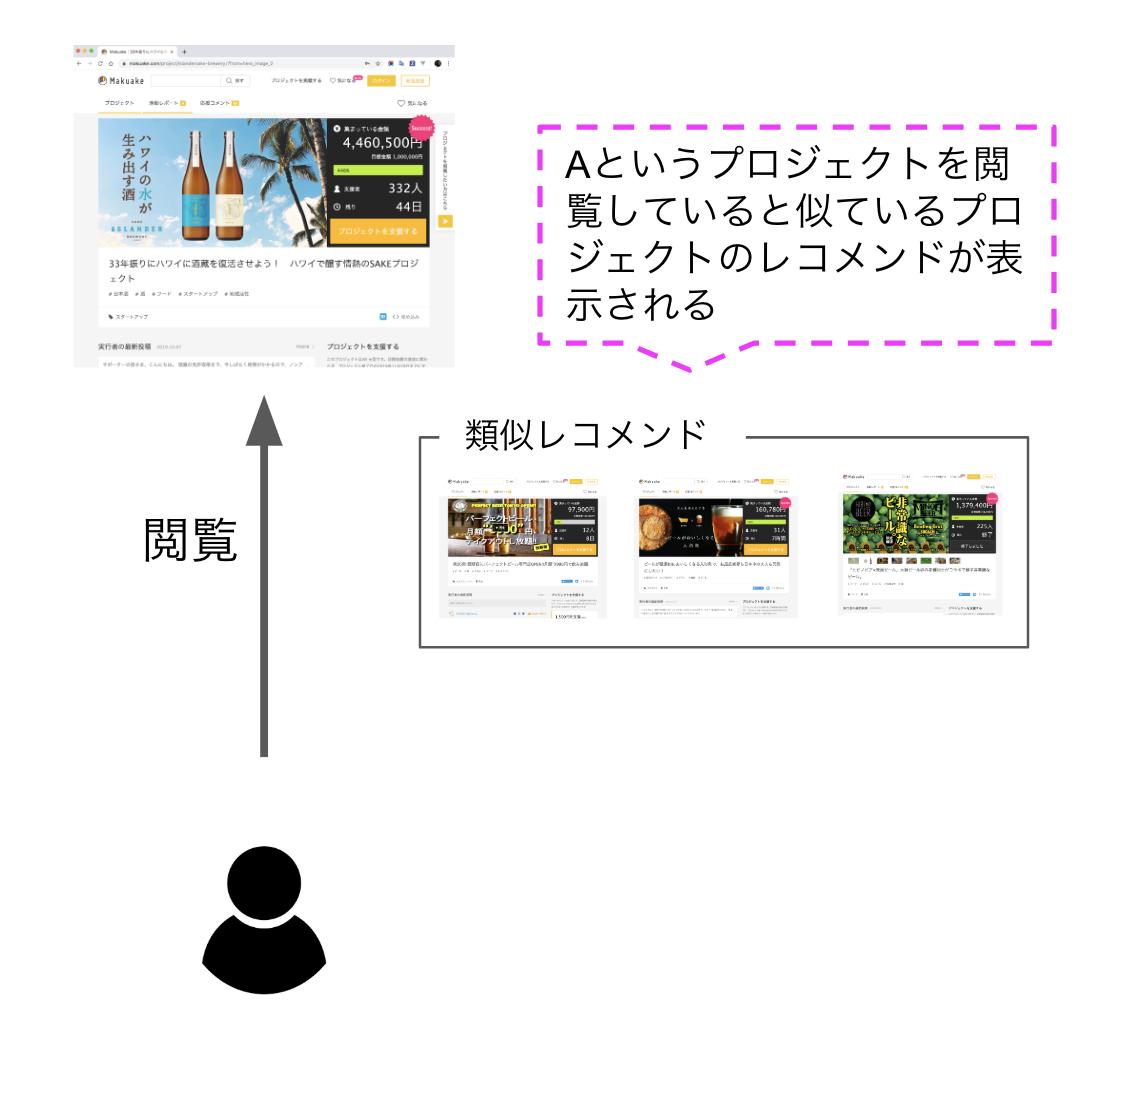 f:id:tsuyoshi_nakamura:20191021101506p:plain